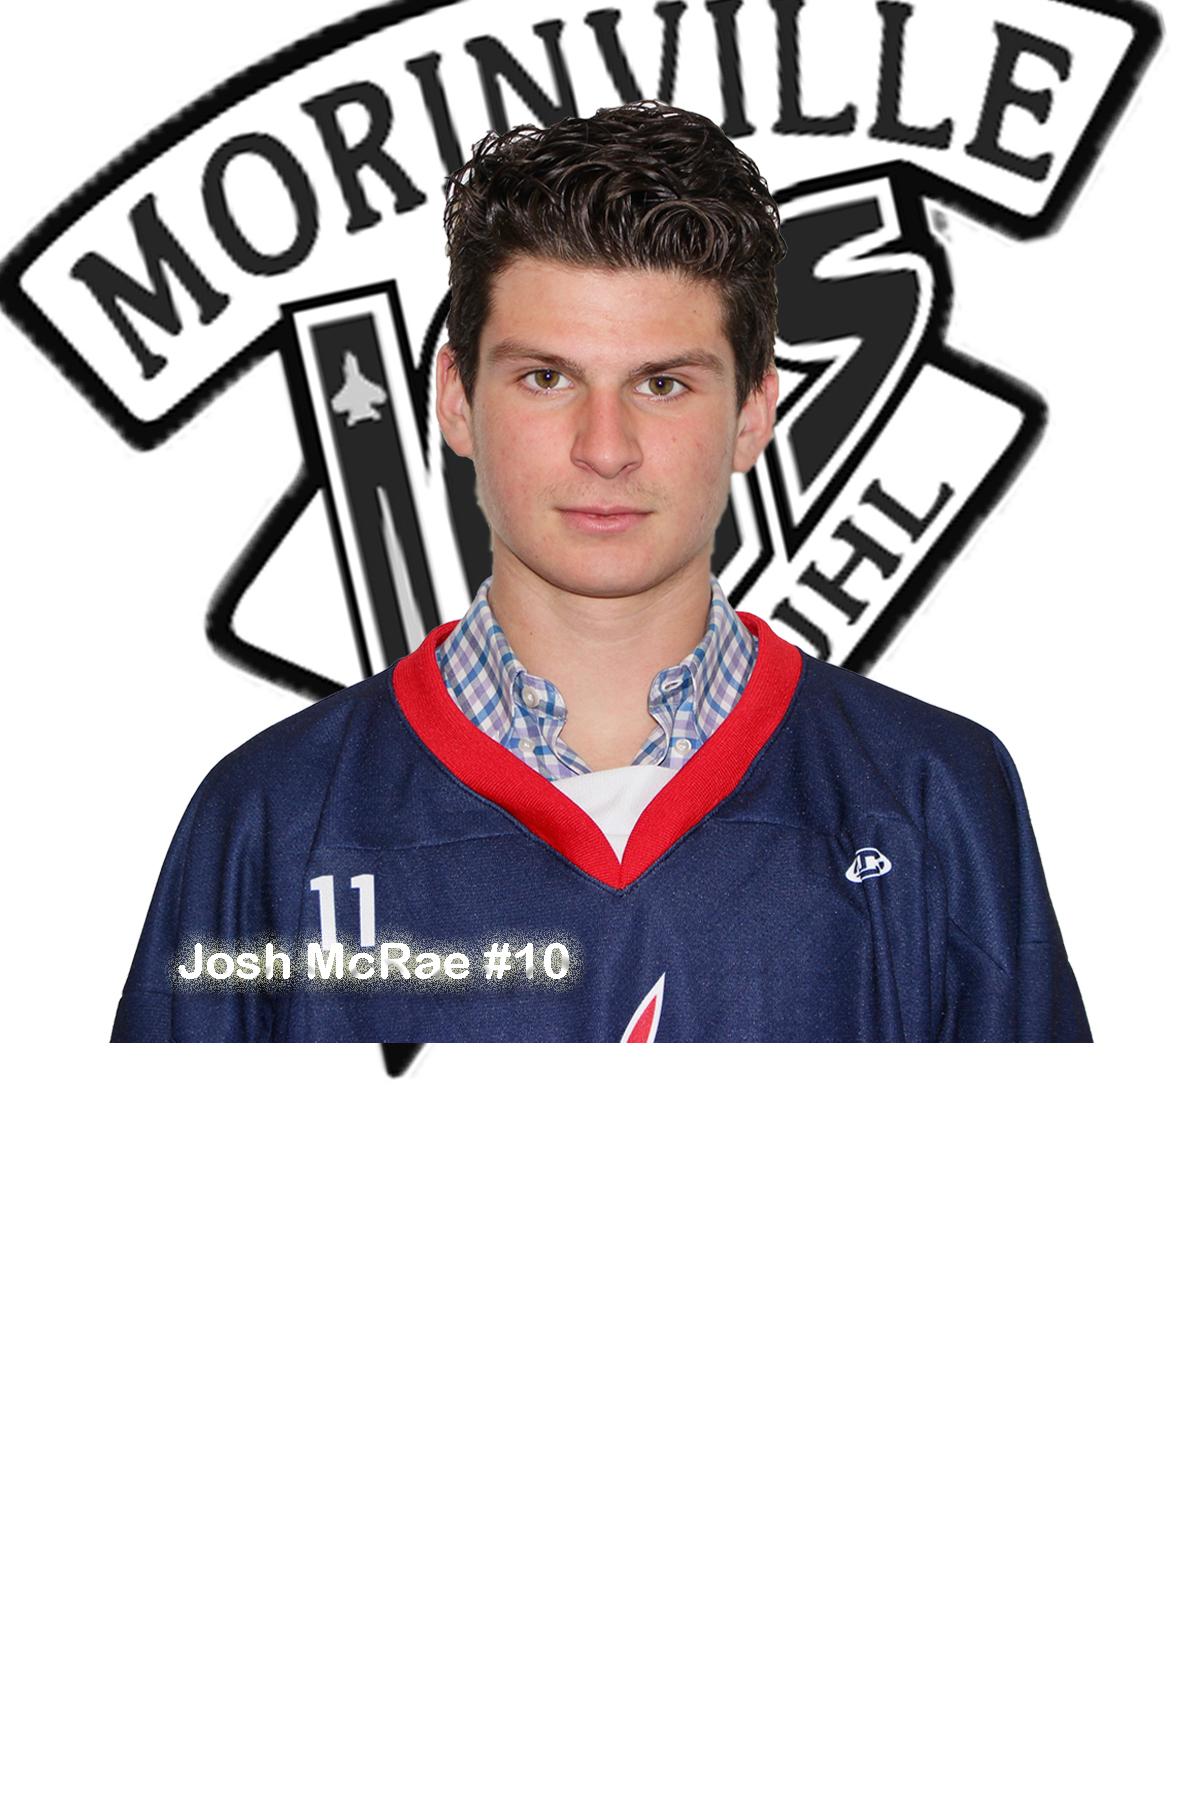 #10 Josh McRae